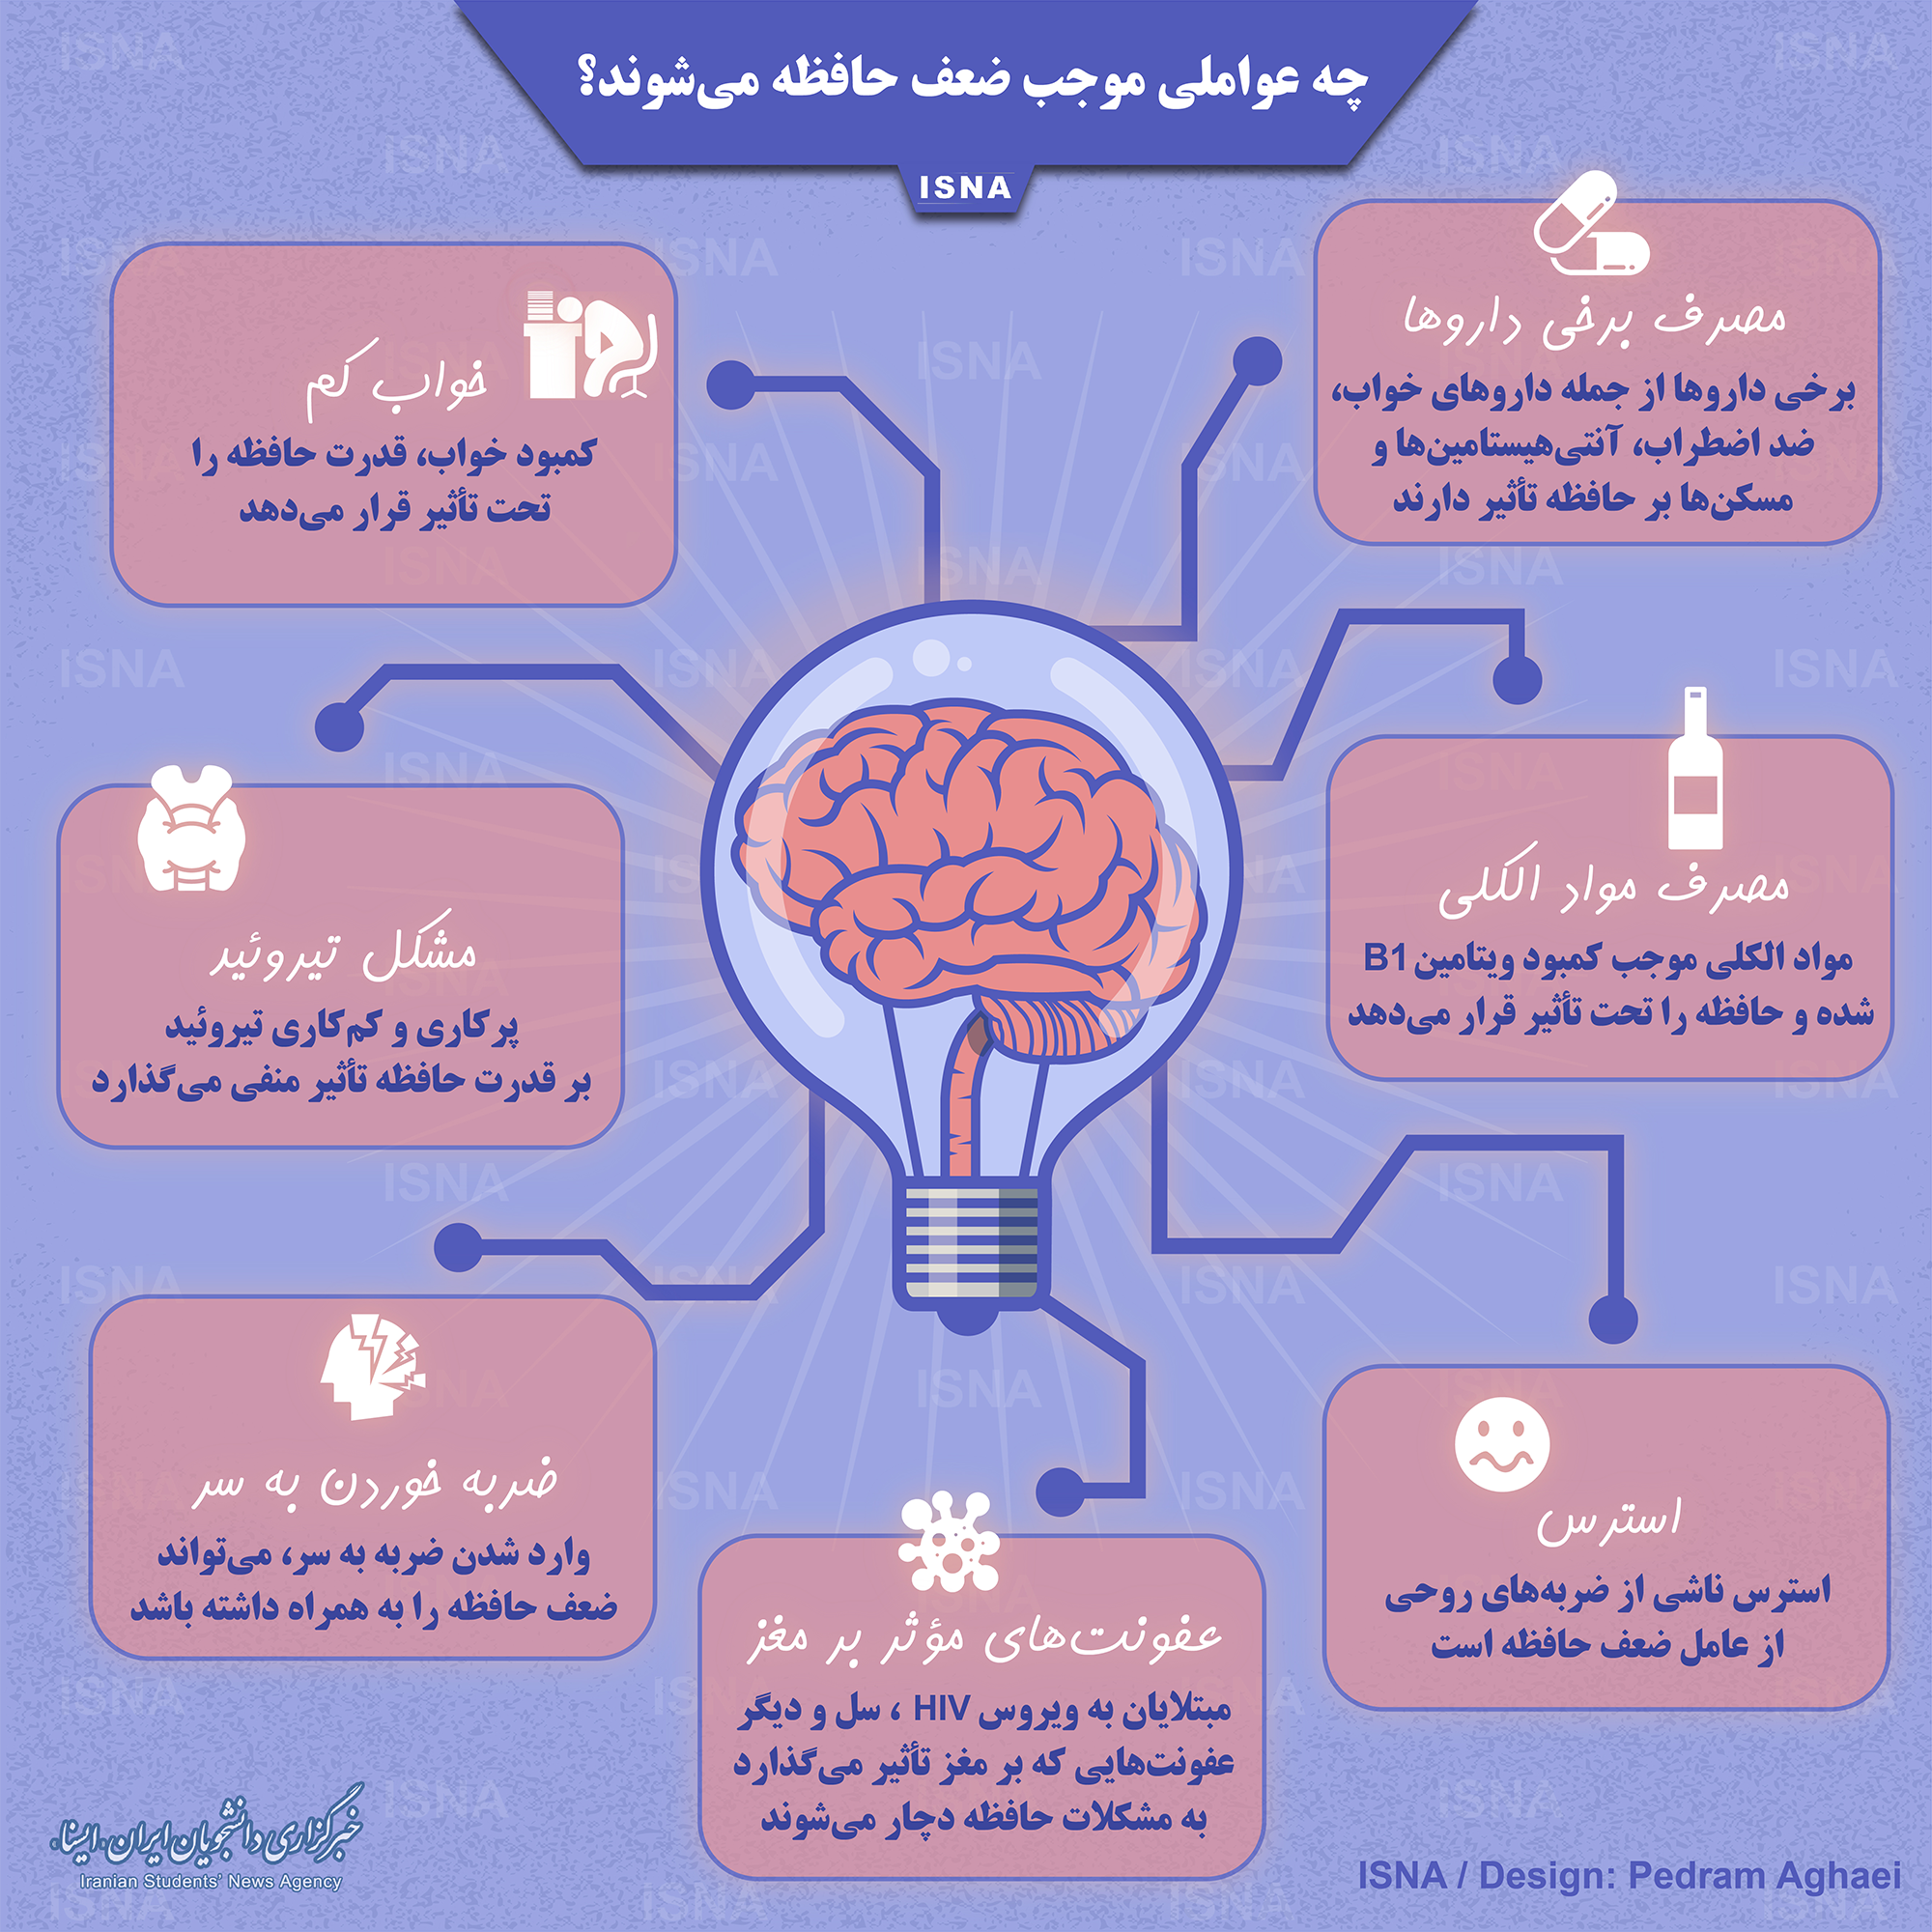 اینفوگرافی/ چه عواملی موجب ضعف حافظه میشوند؟